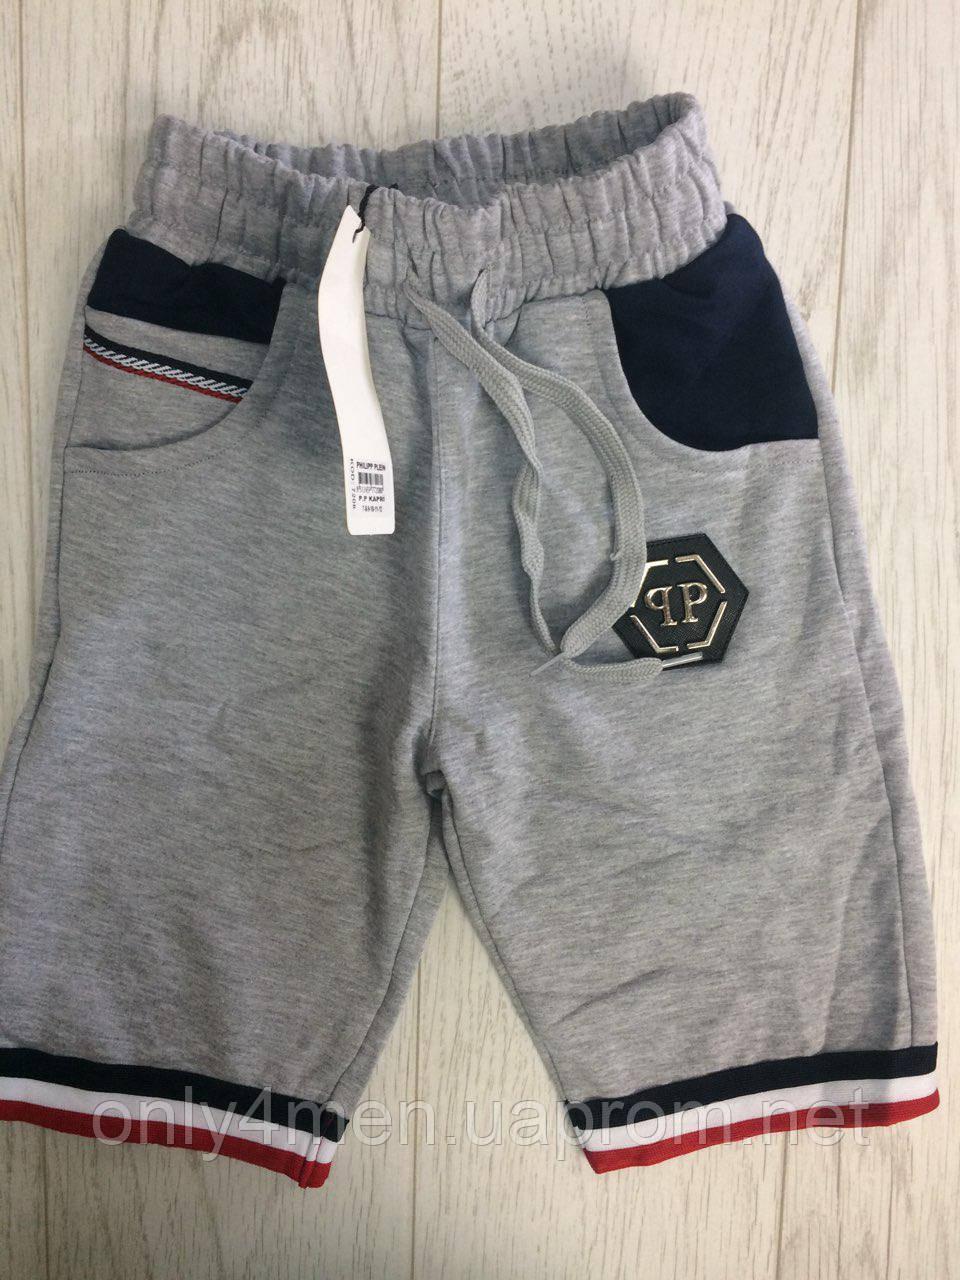 Детские шорты  для мальчика 7-12 лет